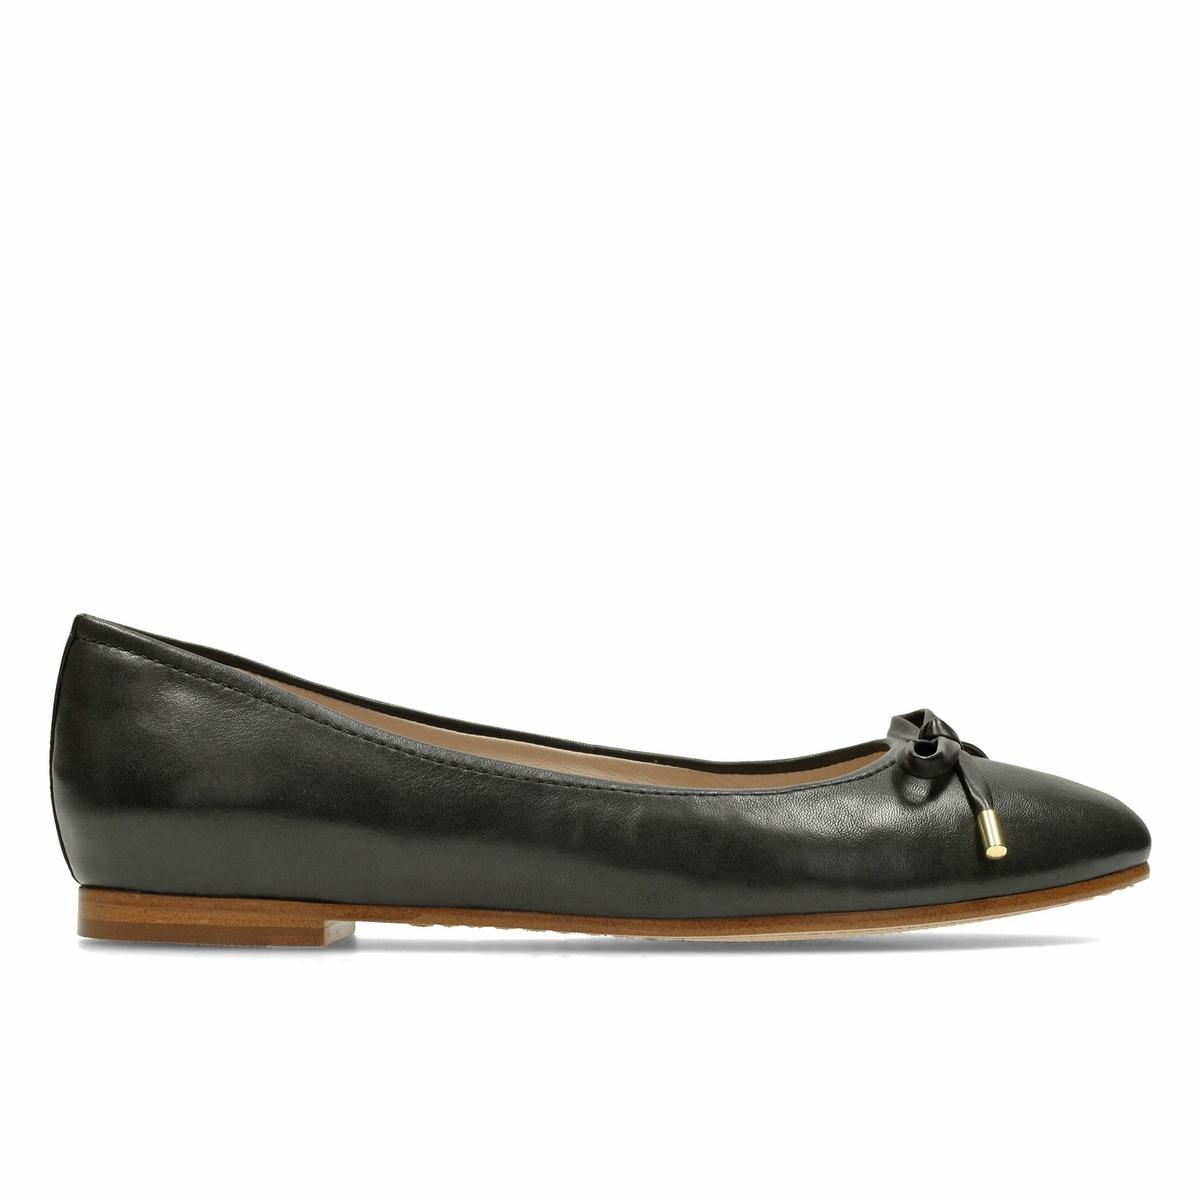 Балетки из кожи Grace LilyВерх : Кожа.   Подкладка : Кожа.   Стелька : Кожа.   Подошва : Каучук   Высота каблука : 1 см.   Форма каблука : плоский каблук   Мысок : закругленный   Застежка : Без застежки<br><br>Цвет: черный<br>Размер: 38